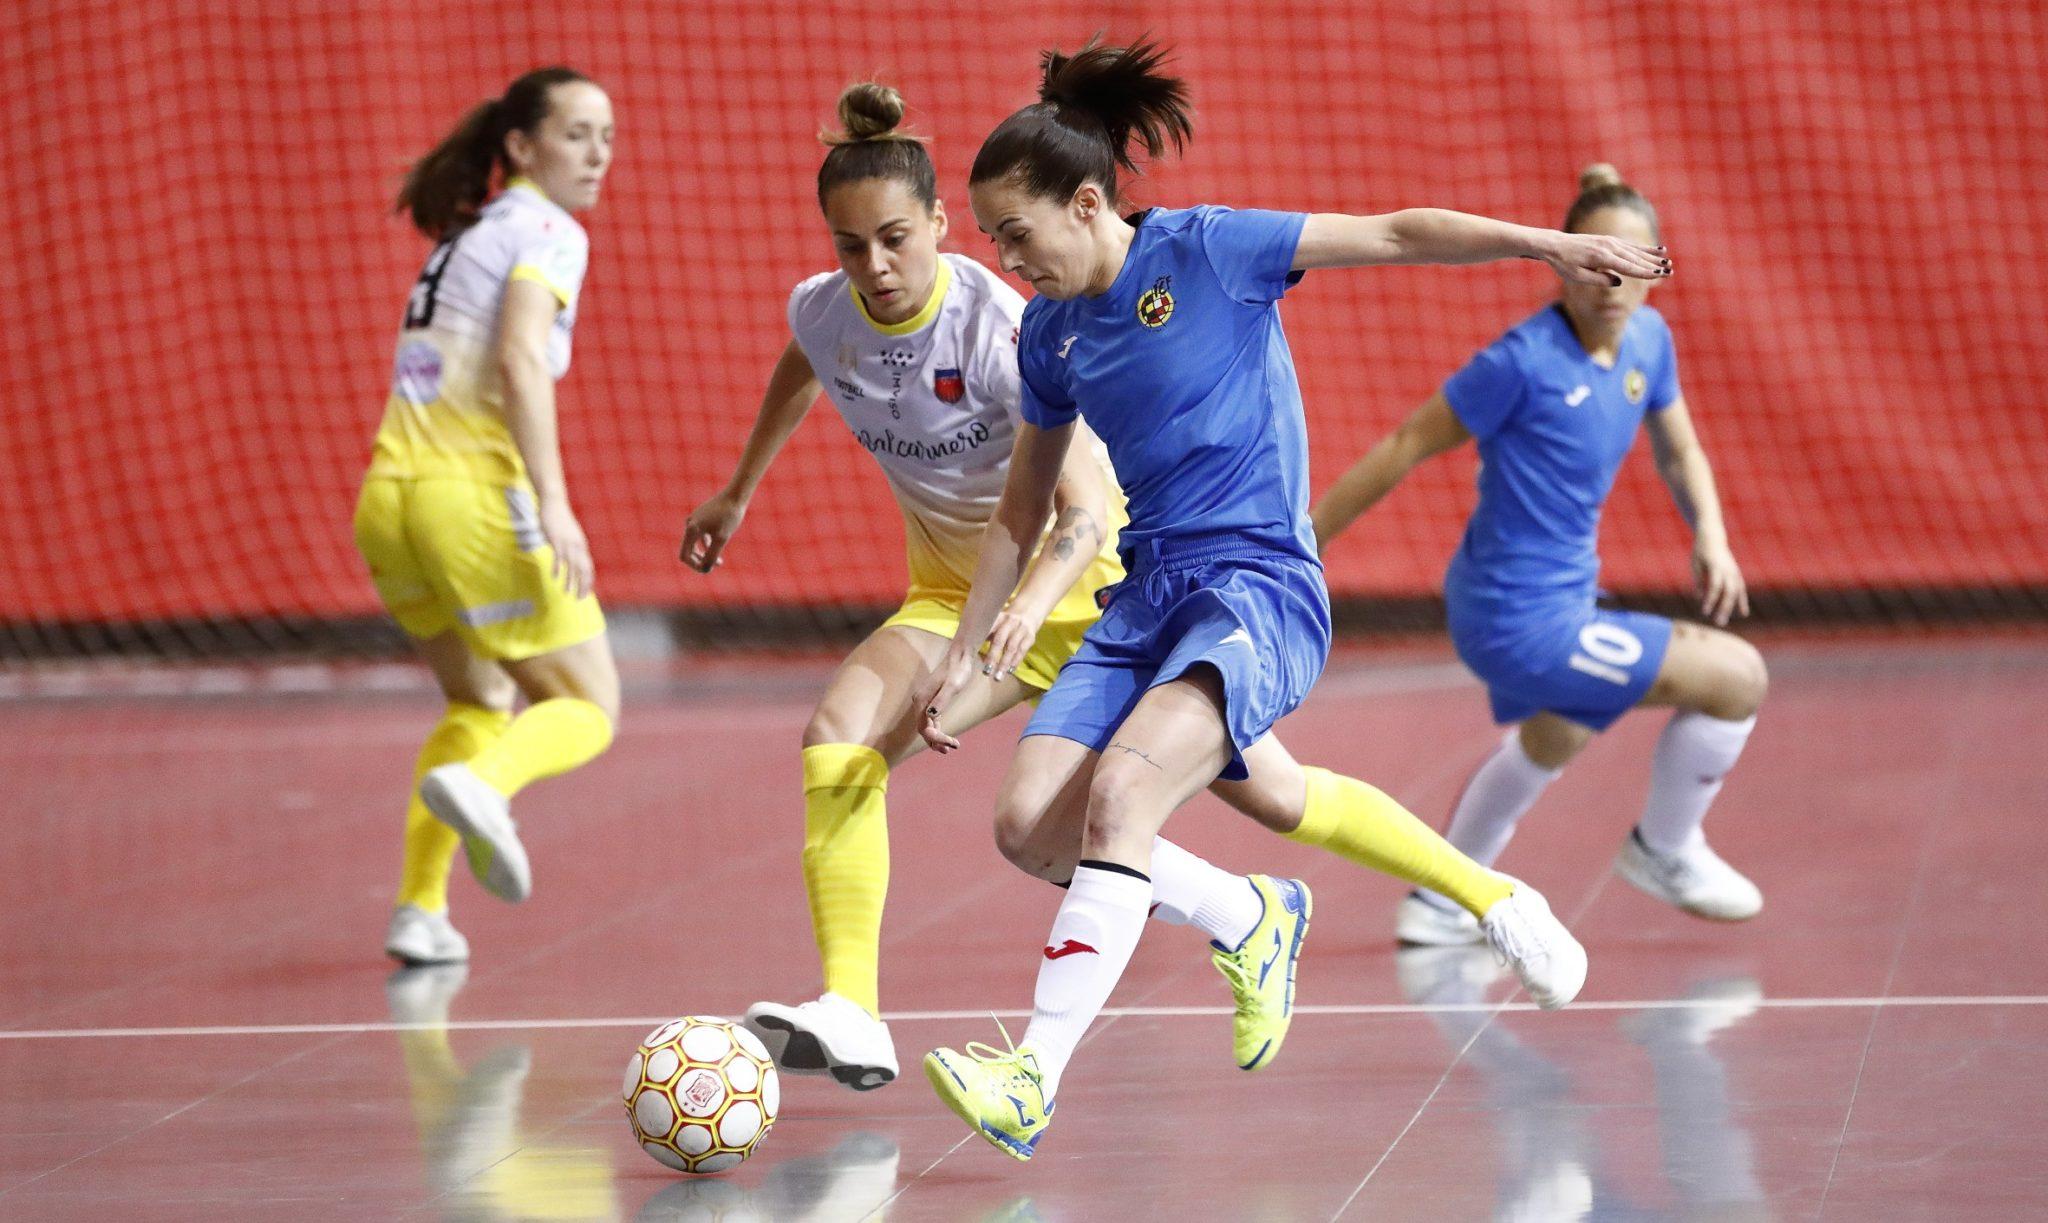 Selección Española de futsal vs Futsi Atlético, no que debutou Dany / RFEF